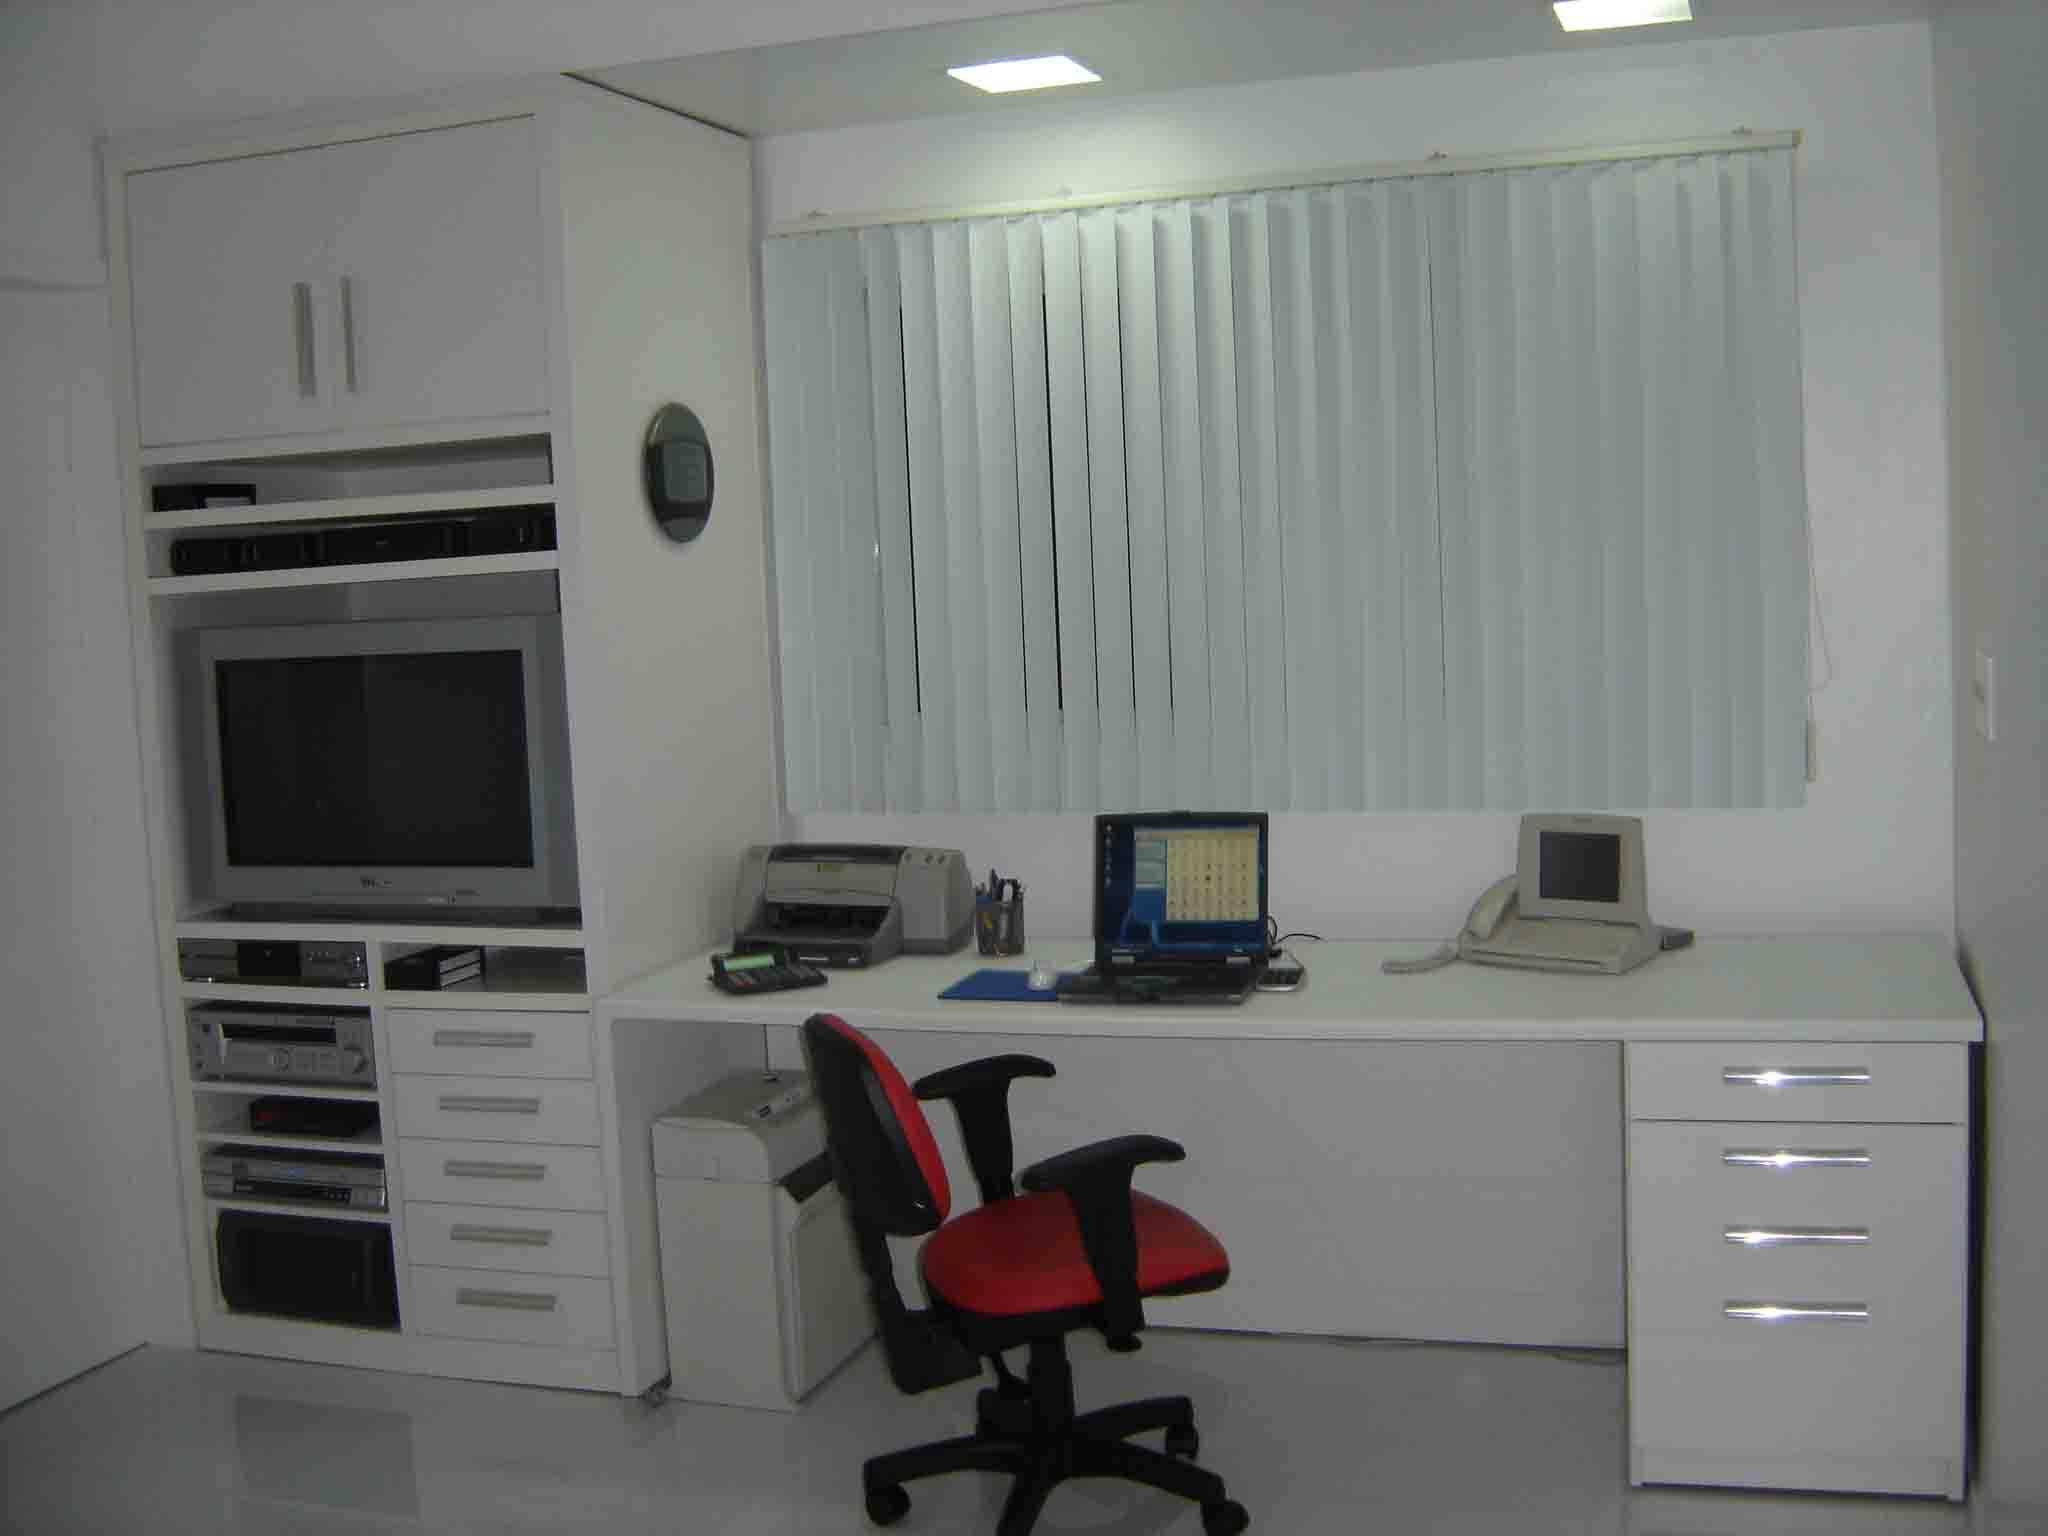 #661B1D casa no Cidade Jardim Natal rn – VENDIDA Imóveis em Natal RN  2048x1536 px Armario De Cozinha Casas Bahia Natal Rn #1893 imagens